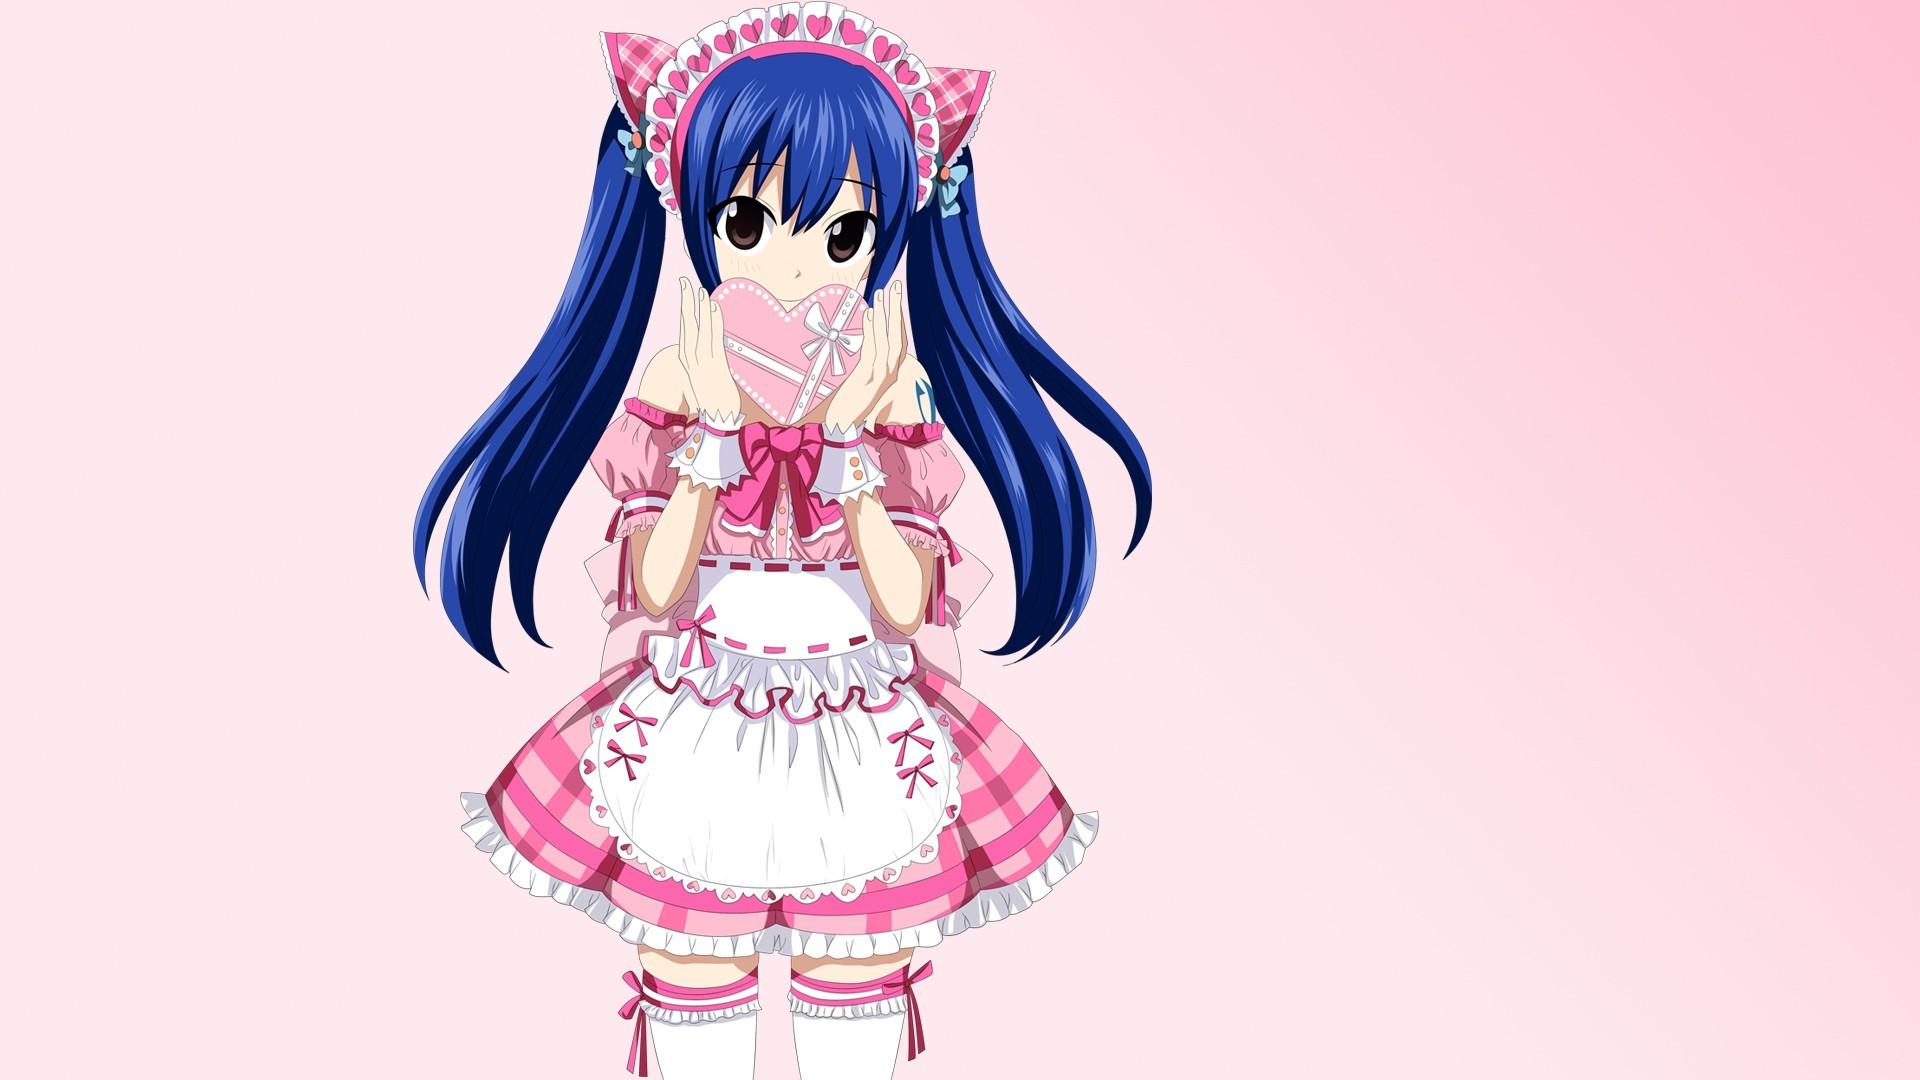 Anime Cute Fairy Tail - HD Wallpaper